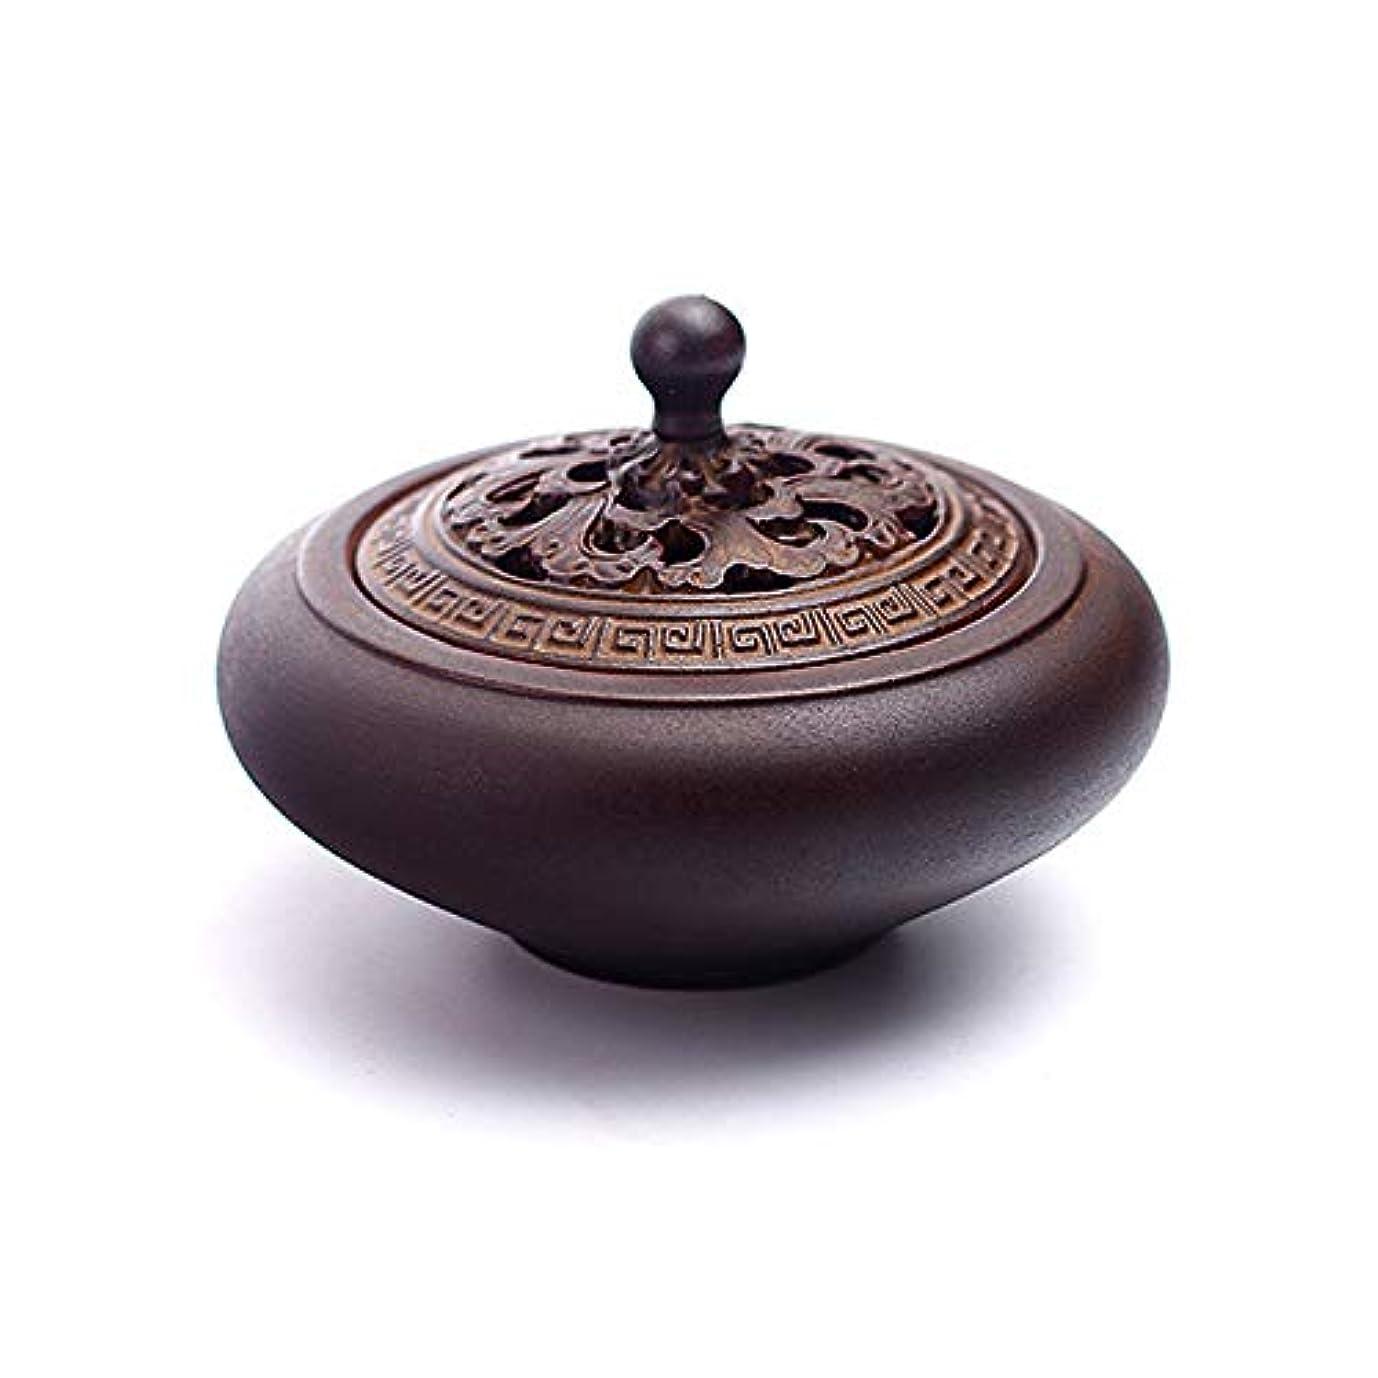 山積みの洗練テストHAMILO 蓋付香炉 陶器 中国風 古典 アロマ 癒し 香道 お香 コーン 抹香 手作り 木製台付 (ブラウン)